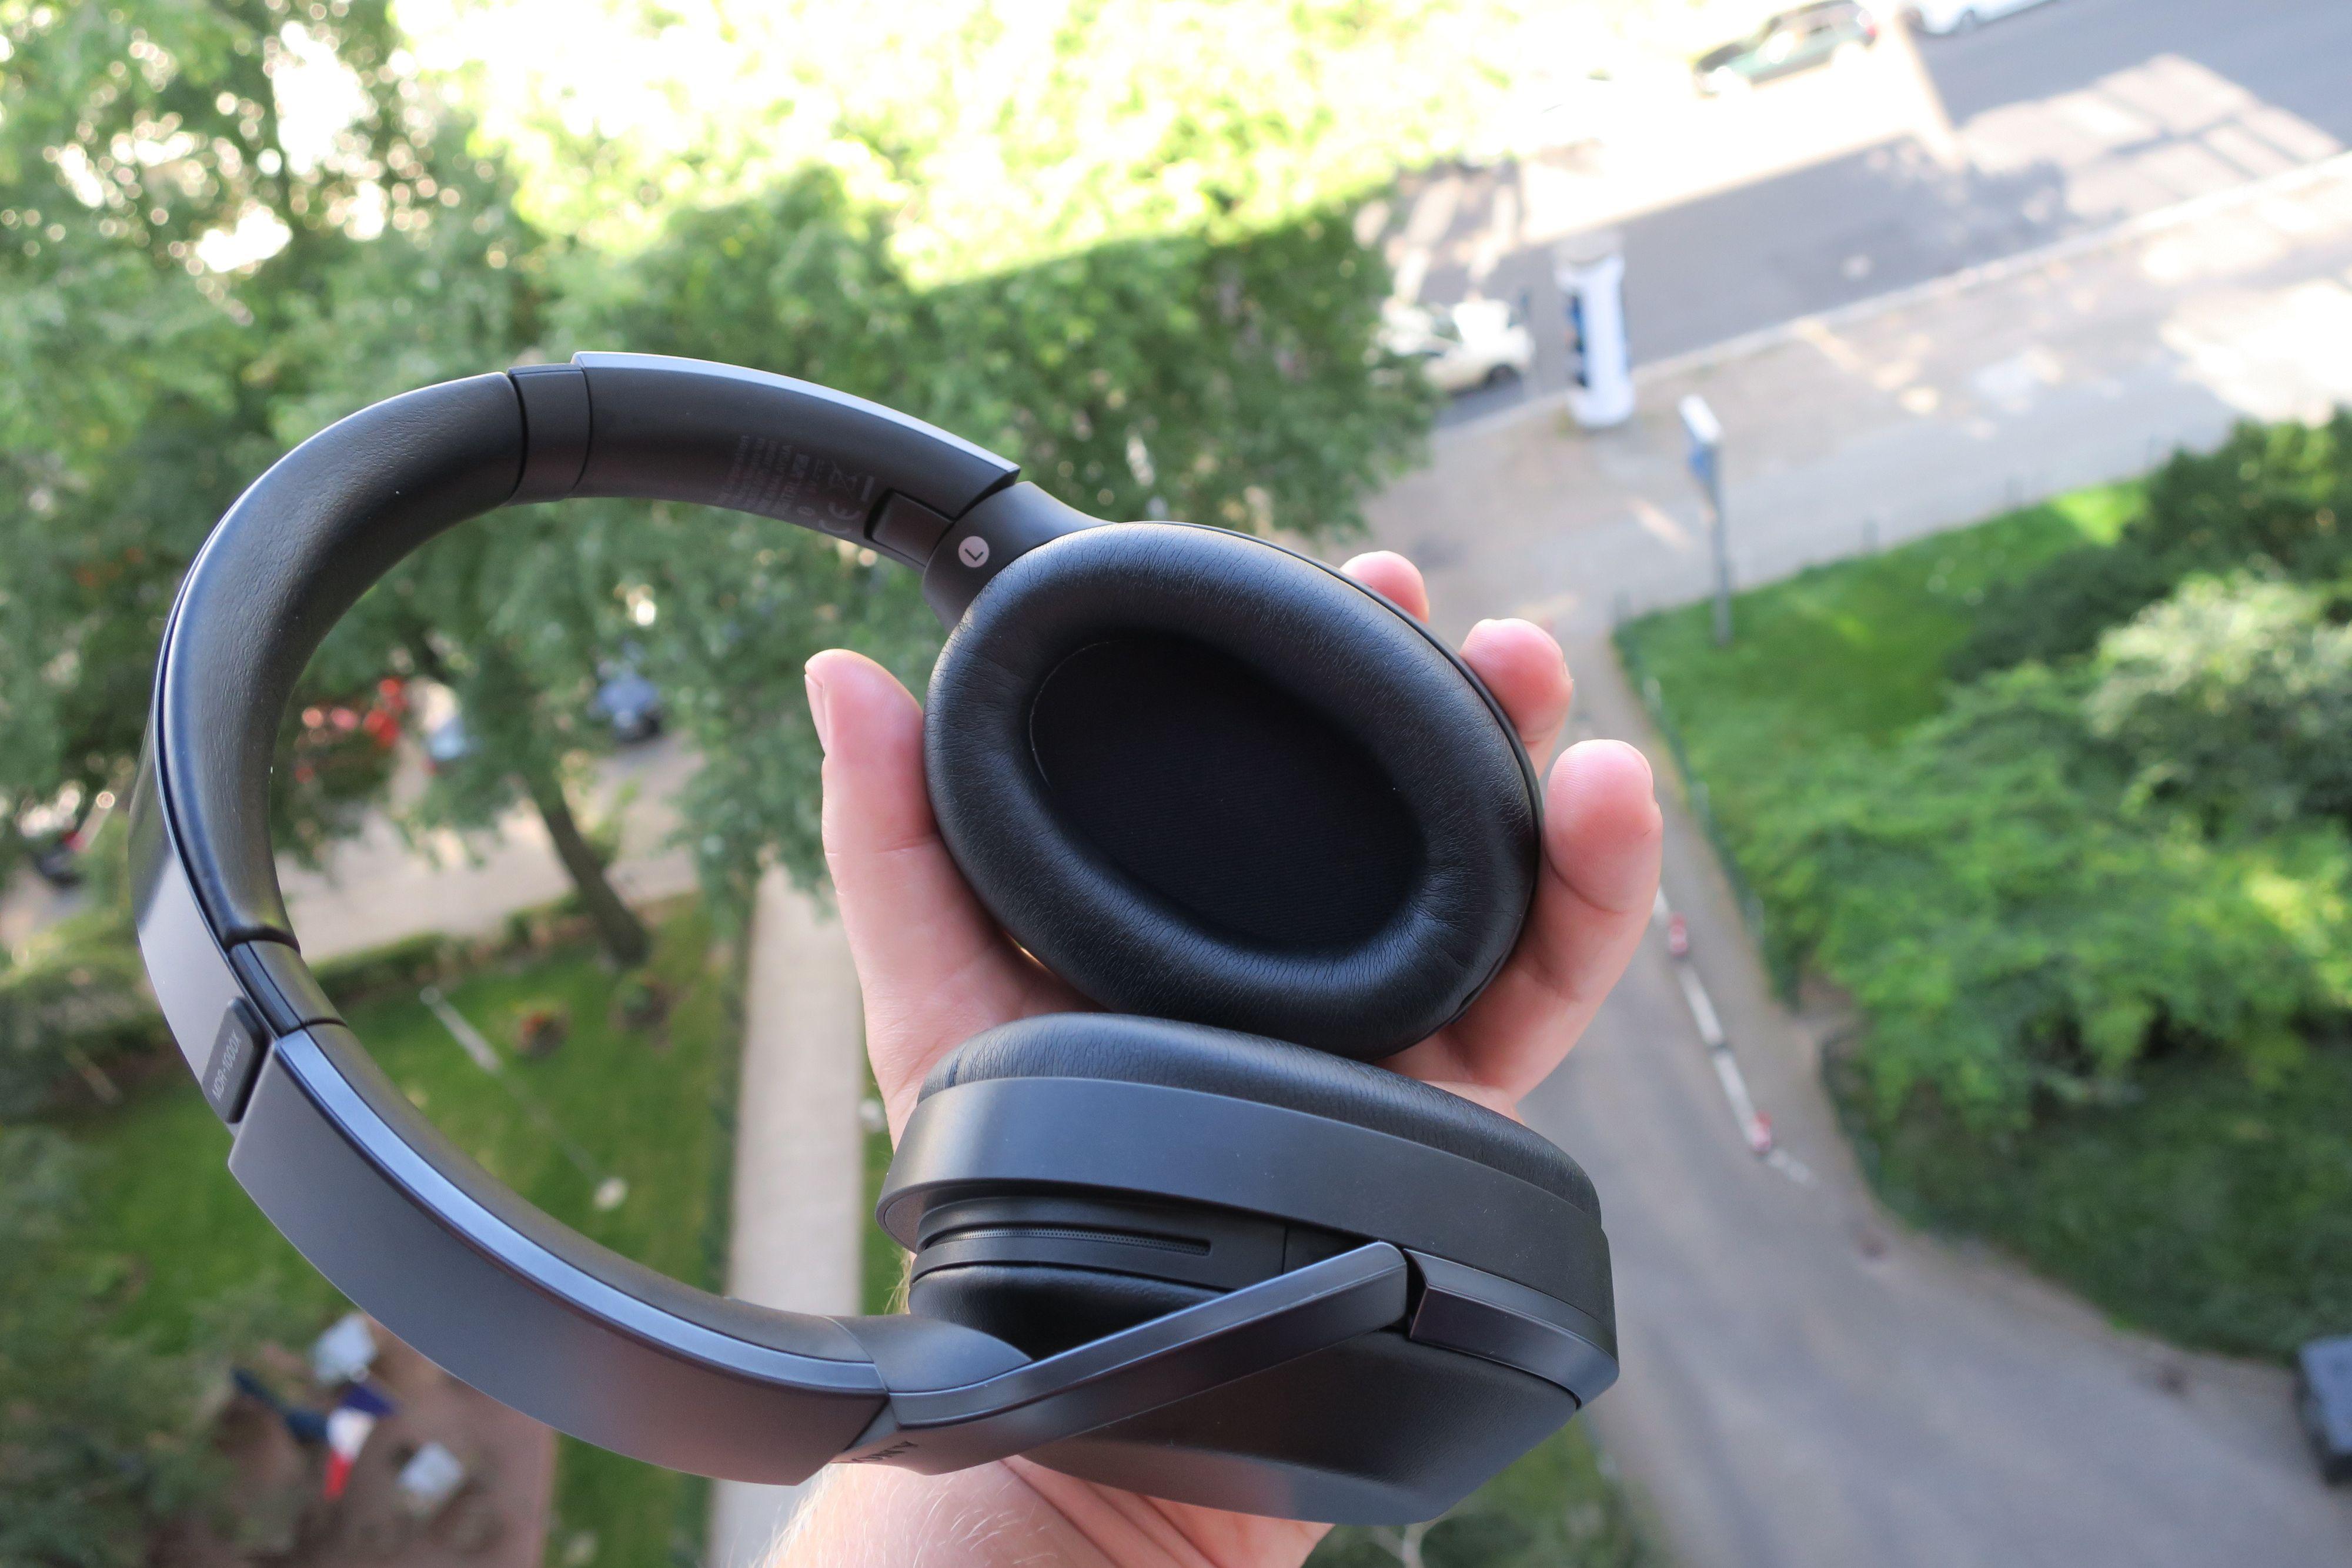 Klokkene er store slik at hele øret fint får plass inni.